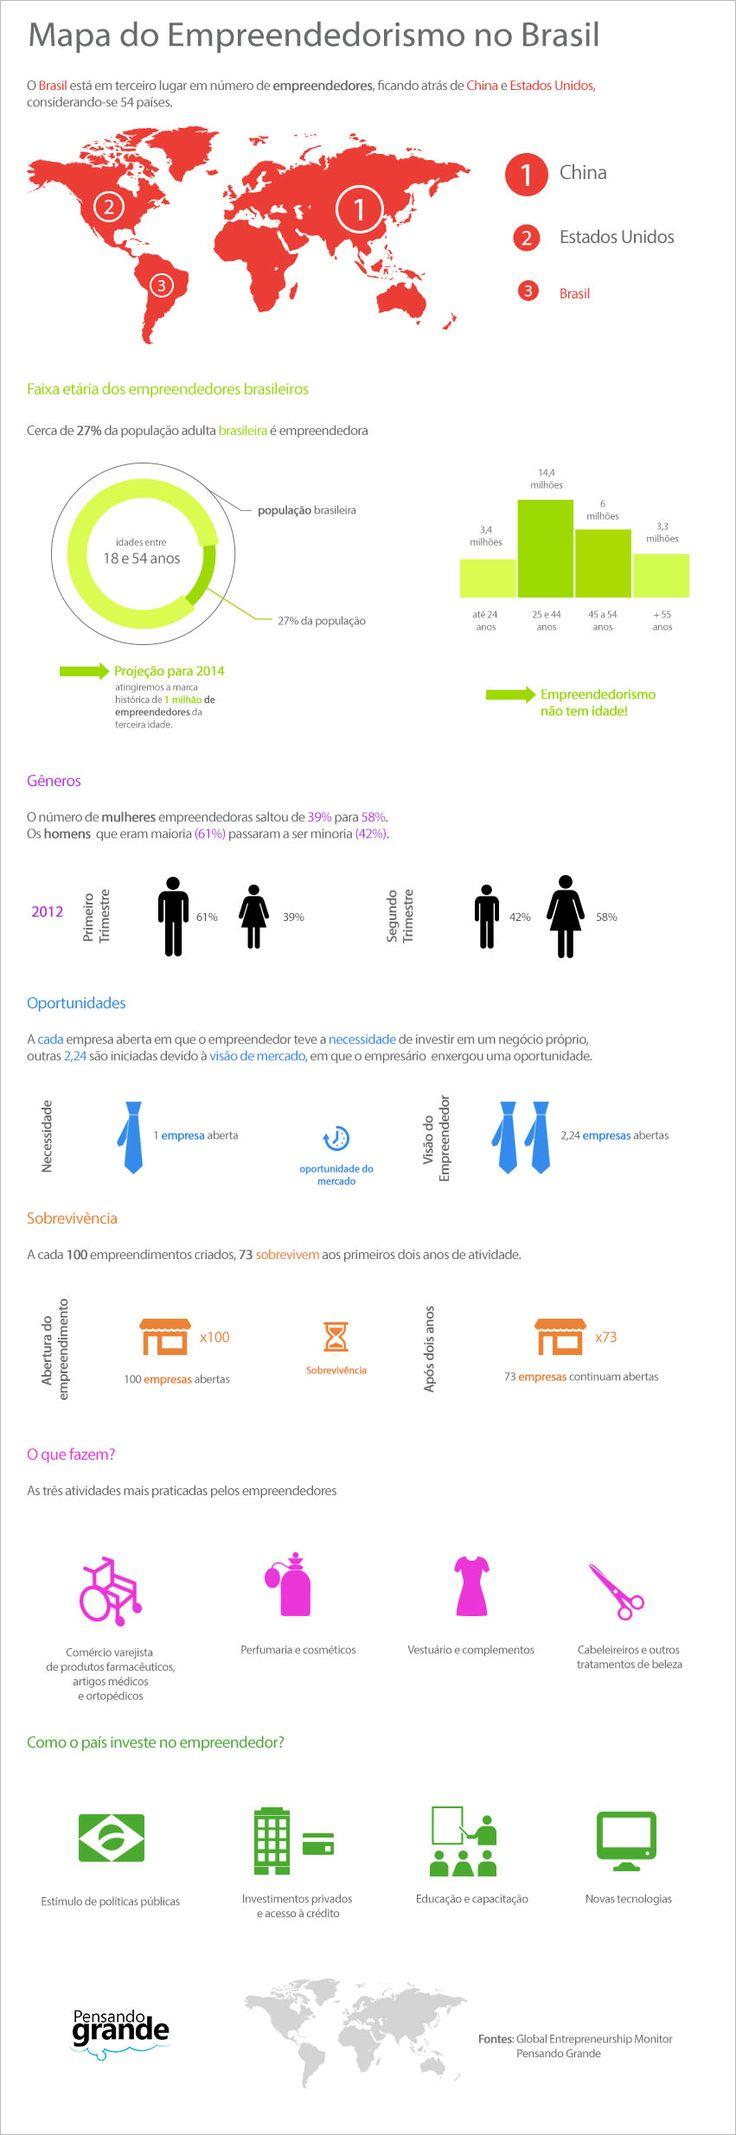 Infográfico: Mapa do empreendedorismo no Brasil - Sobre Administração